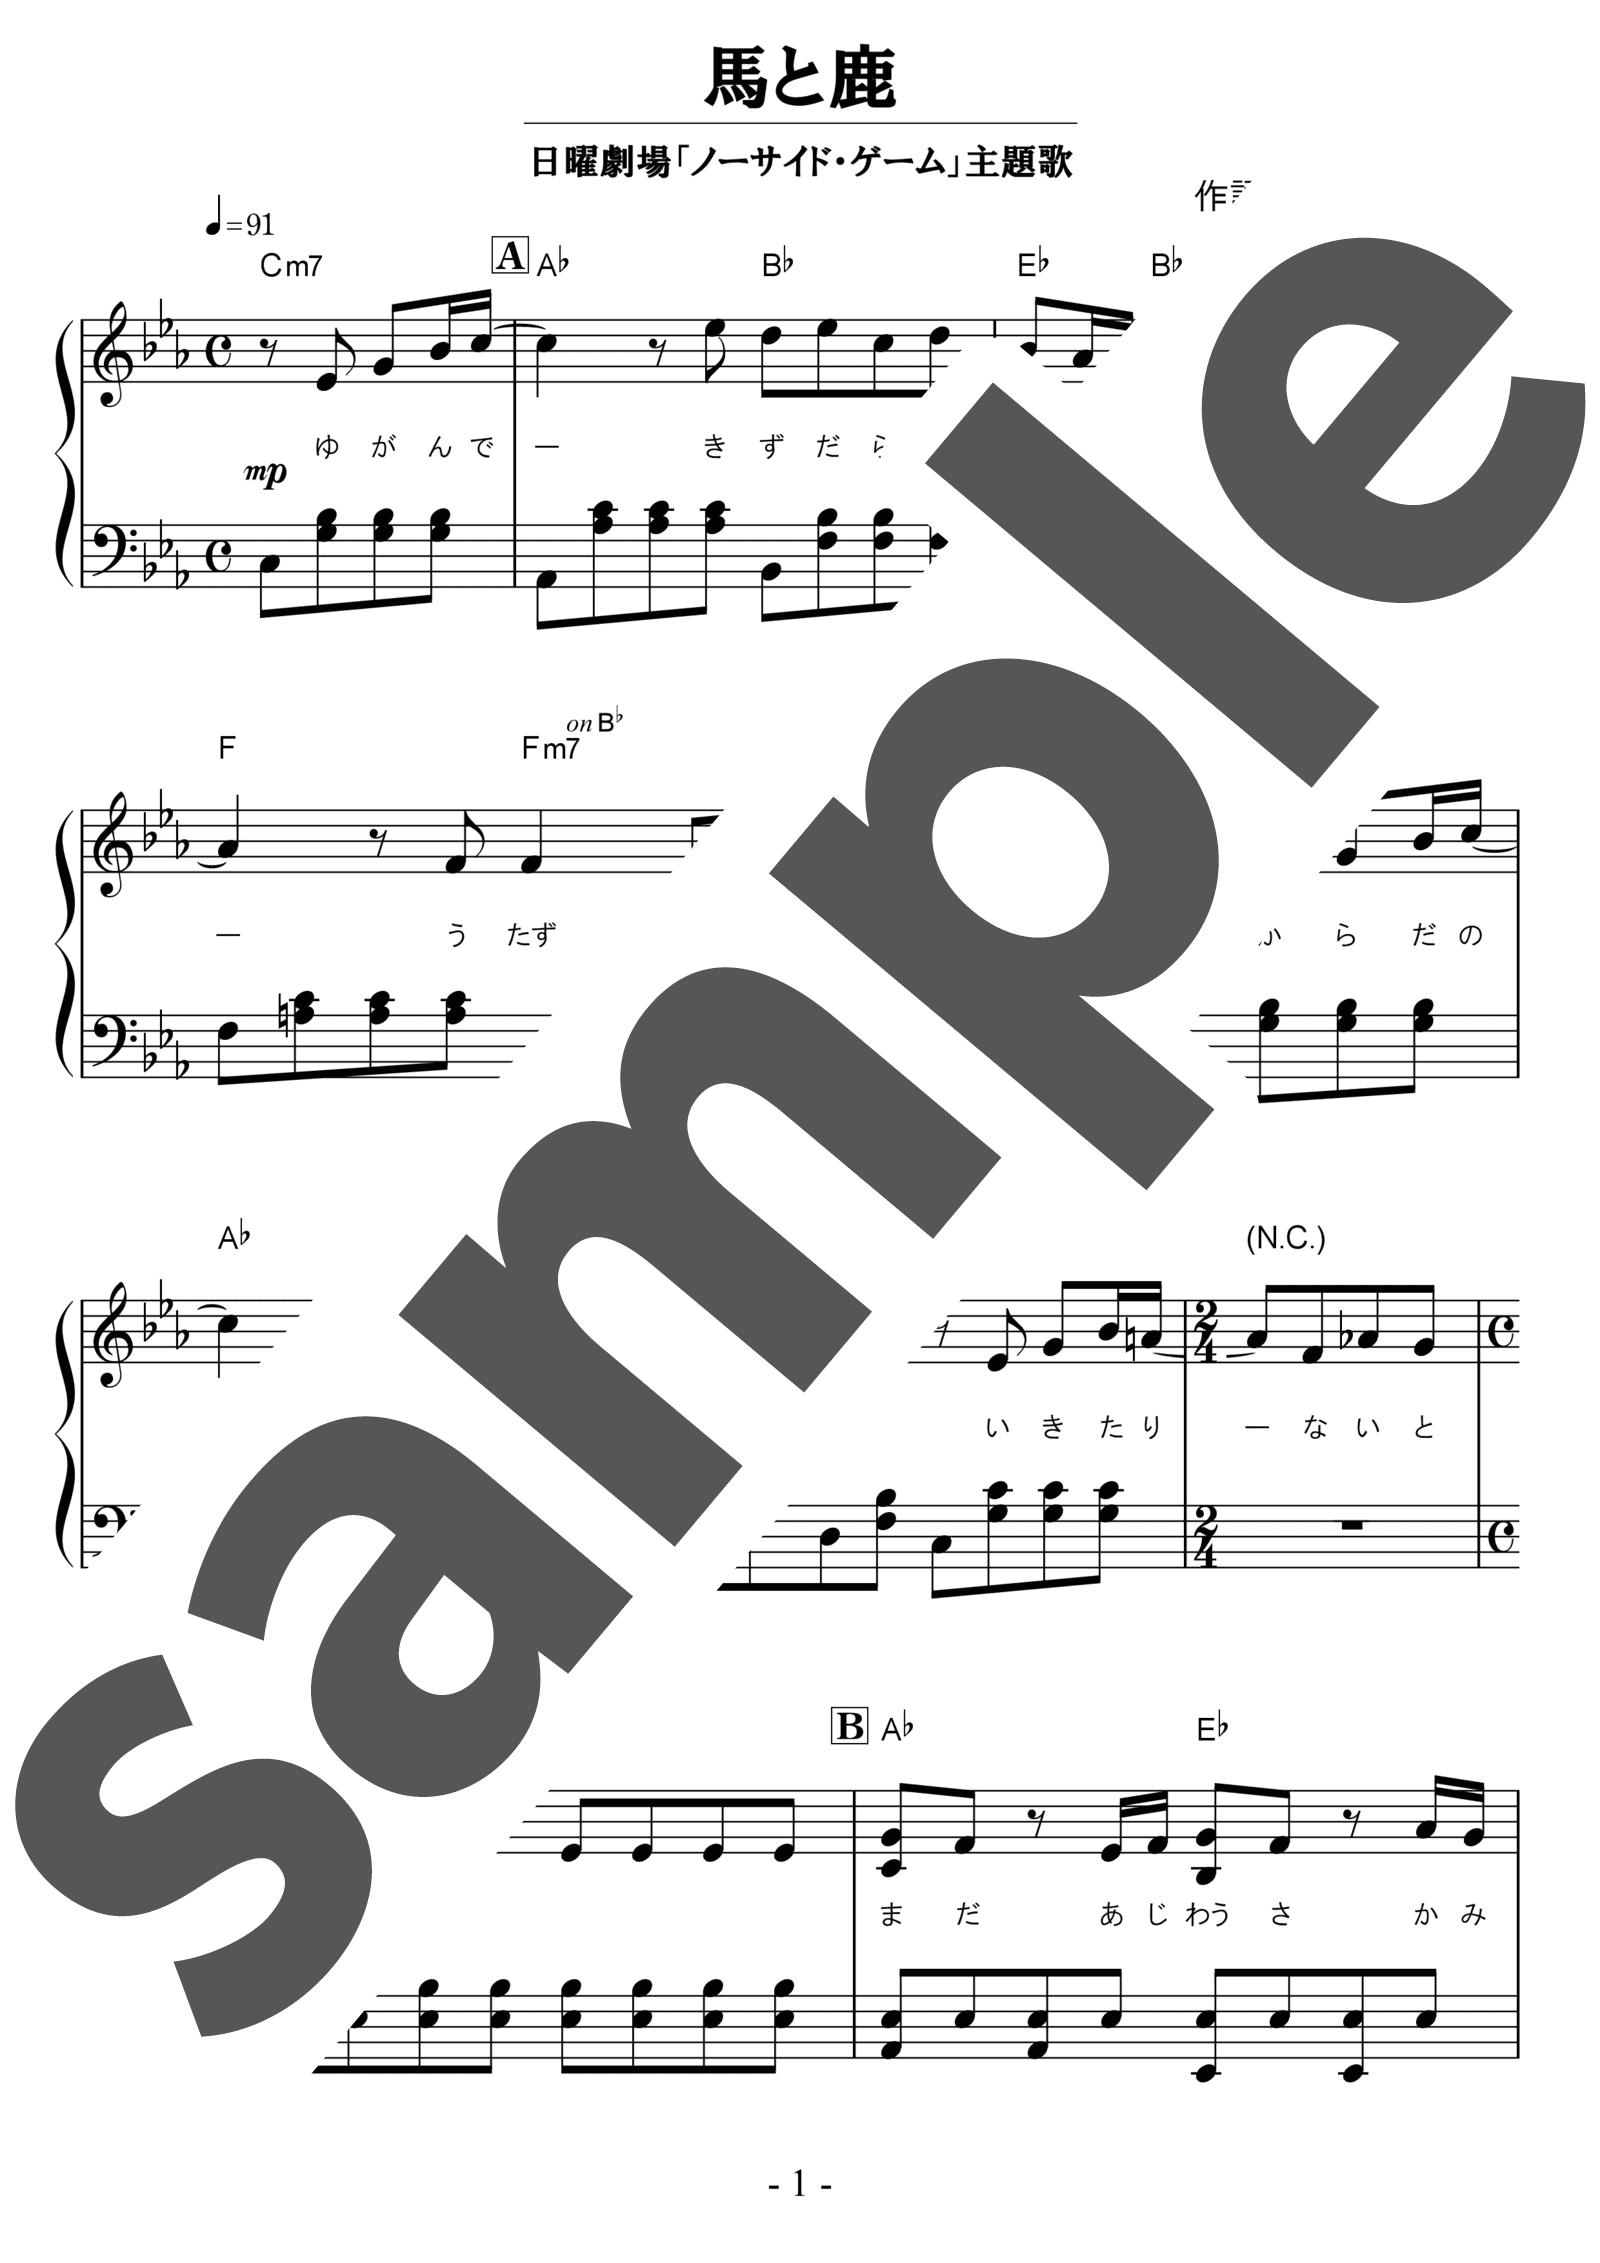 「馬と鹿」のサンプル楽譜